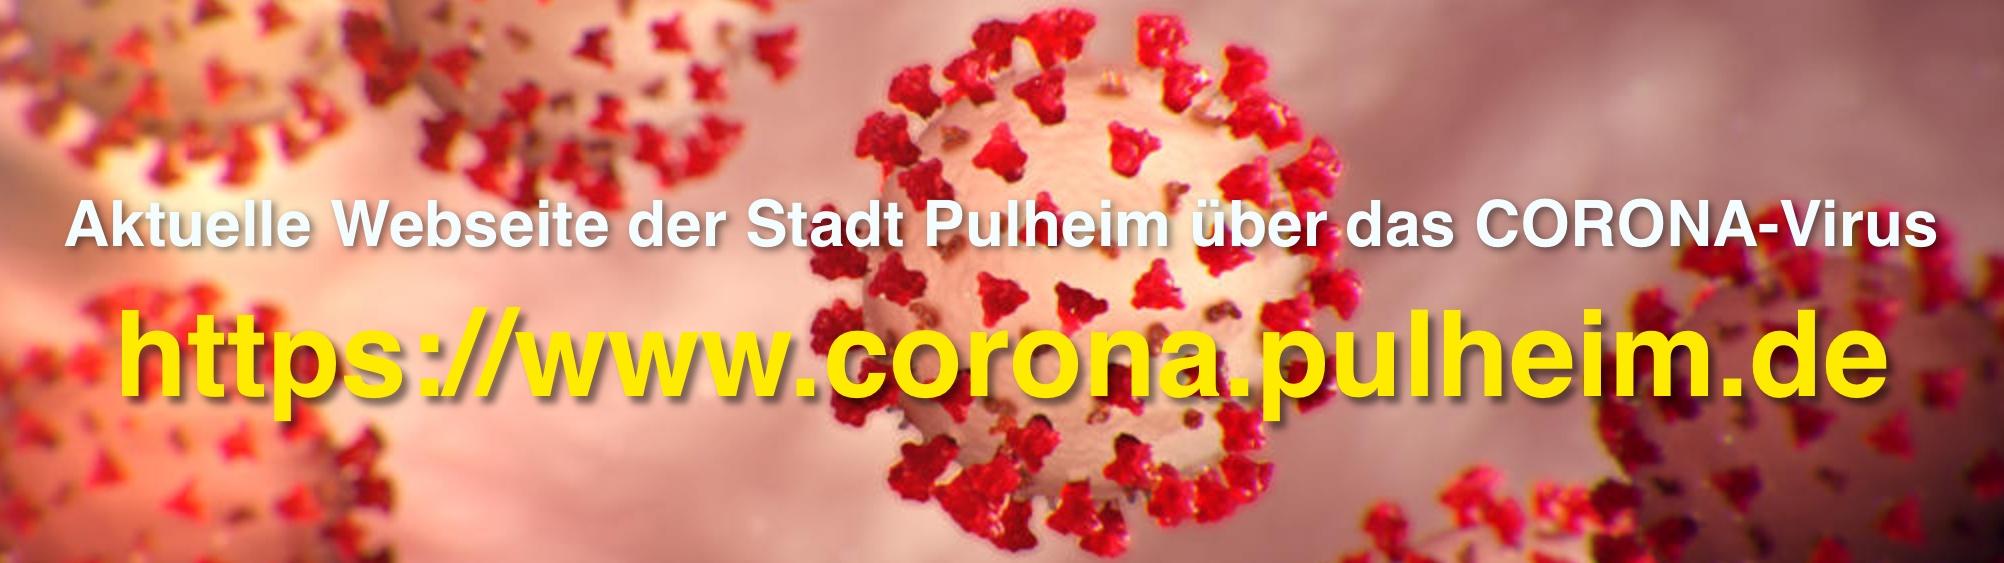 Informationen der Stadt Pulheim über das Corona-Virus